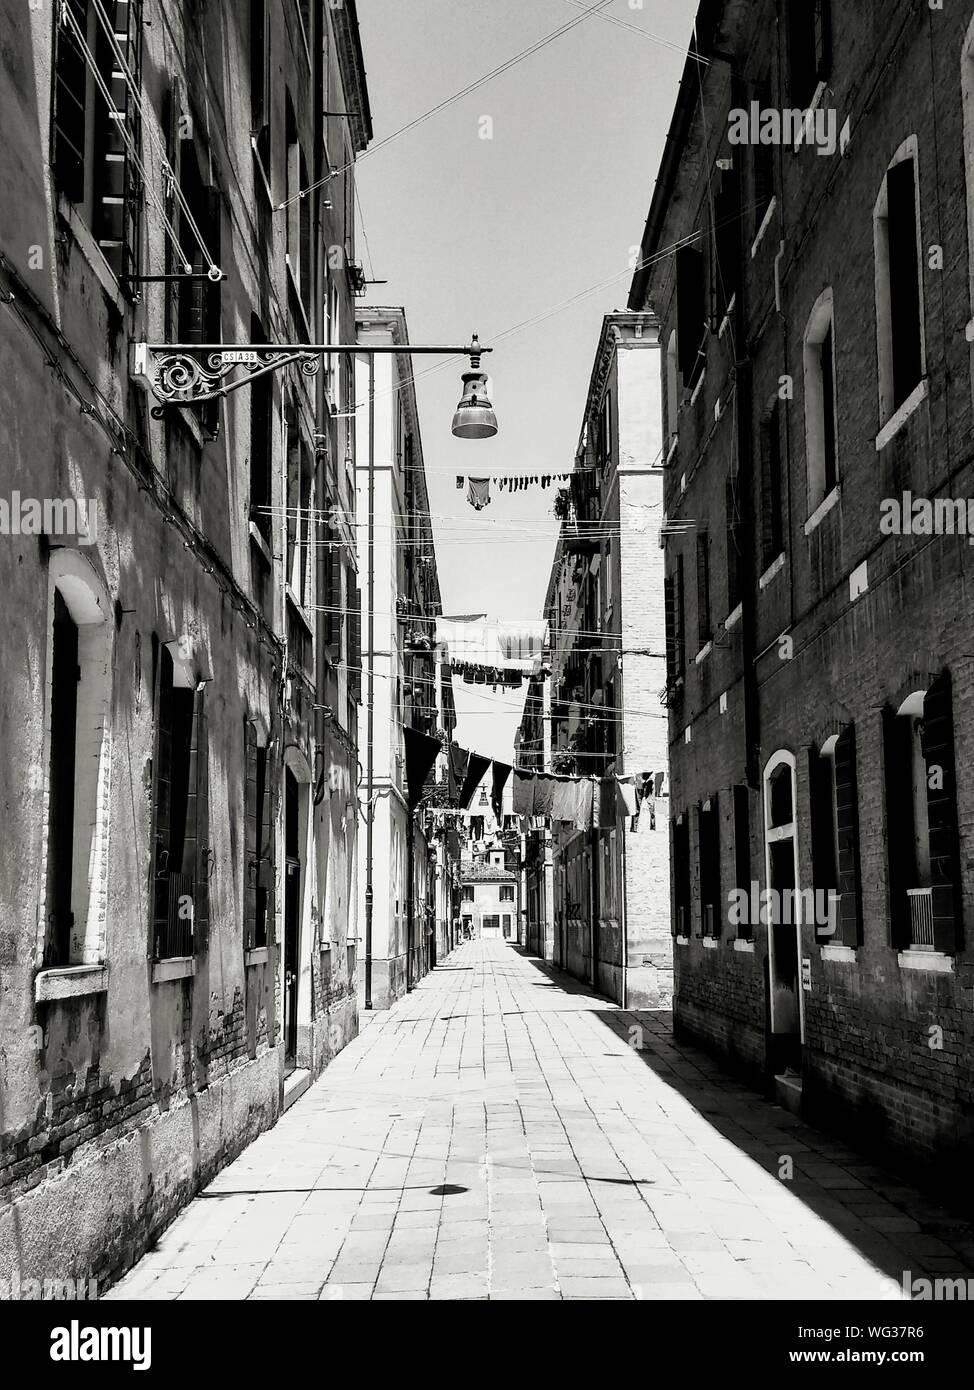 Rue étroite au milieu d'anciens bâtiments en ville Banque D'Images